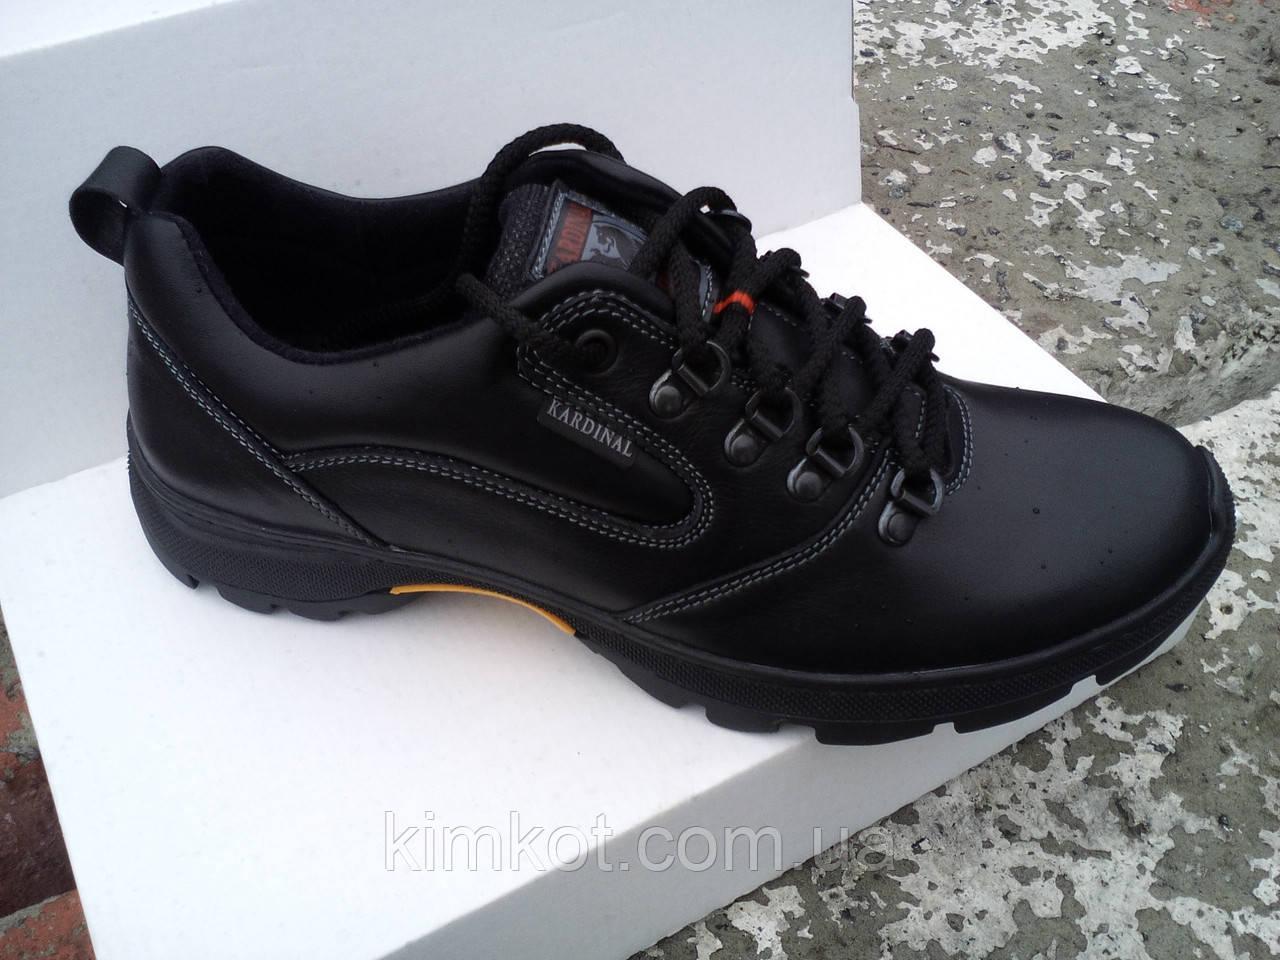 f85807677994 Кроссовки мужские кожаные KARDINAL 40 -45 р-р, цена 890 грн., купить ...